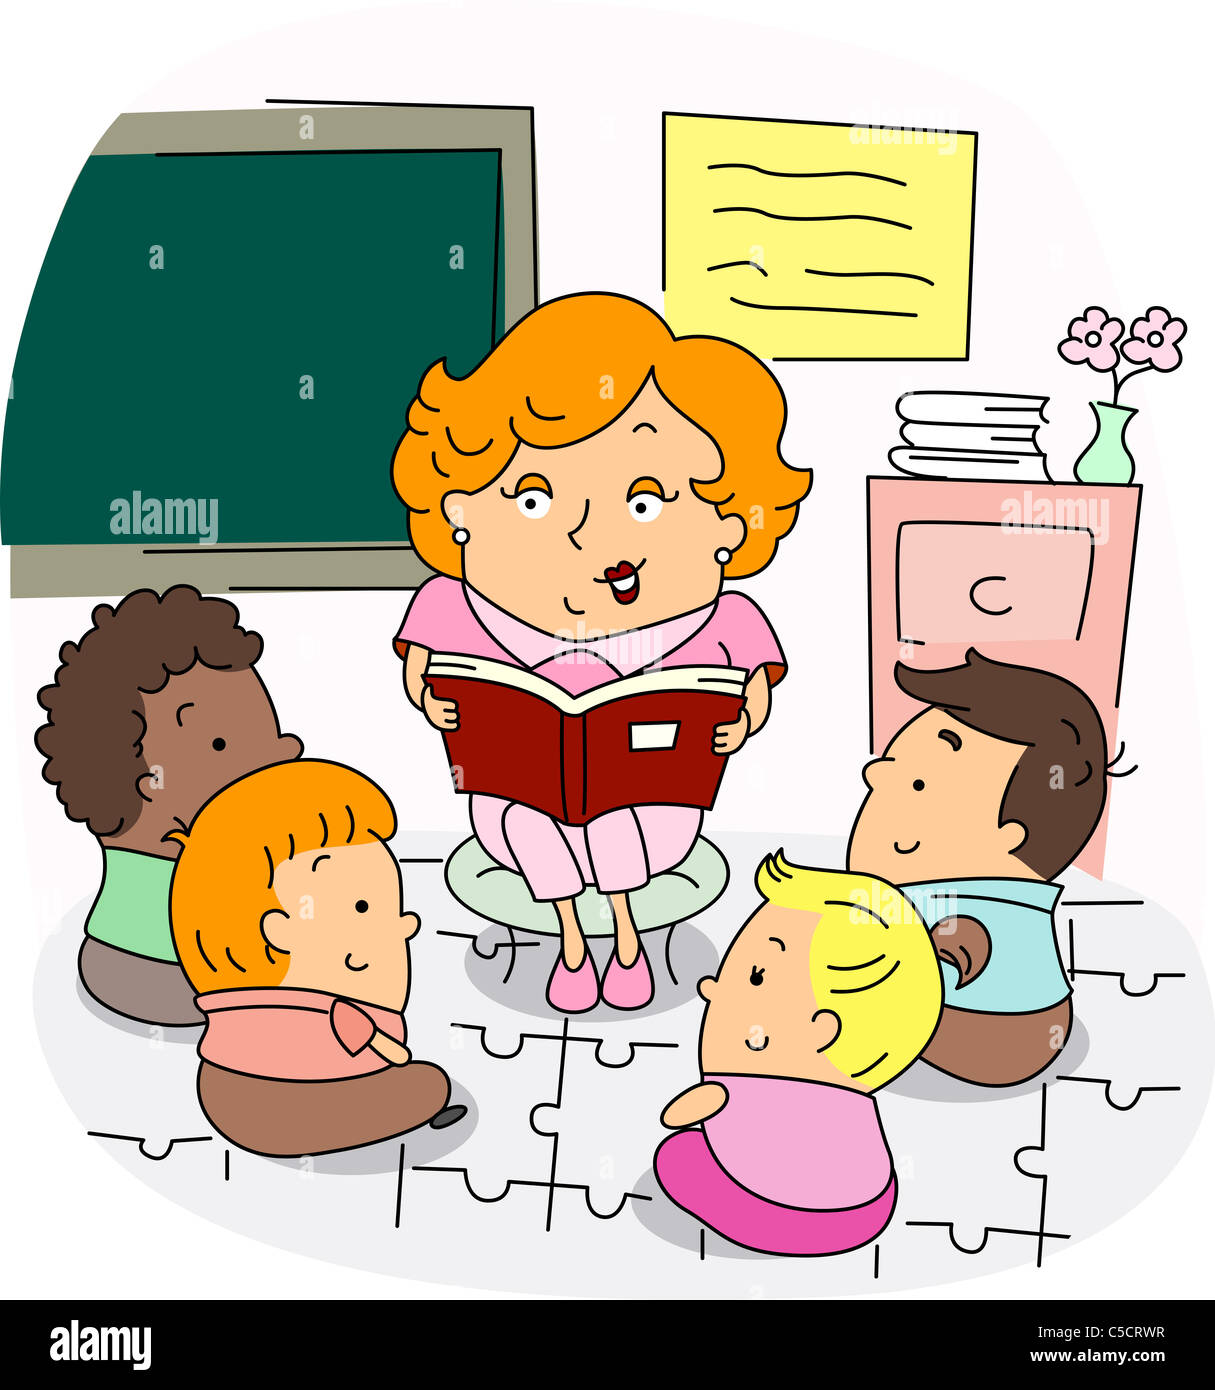 Картинка воспитатель с детьми смешные, надписью любовь